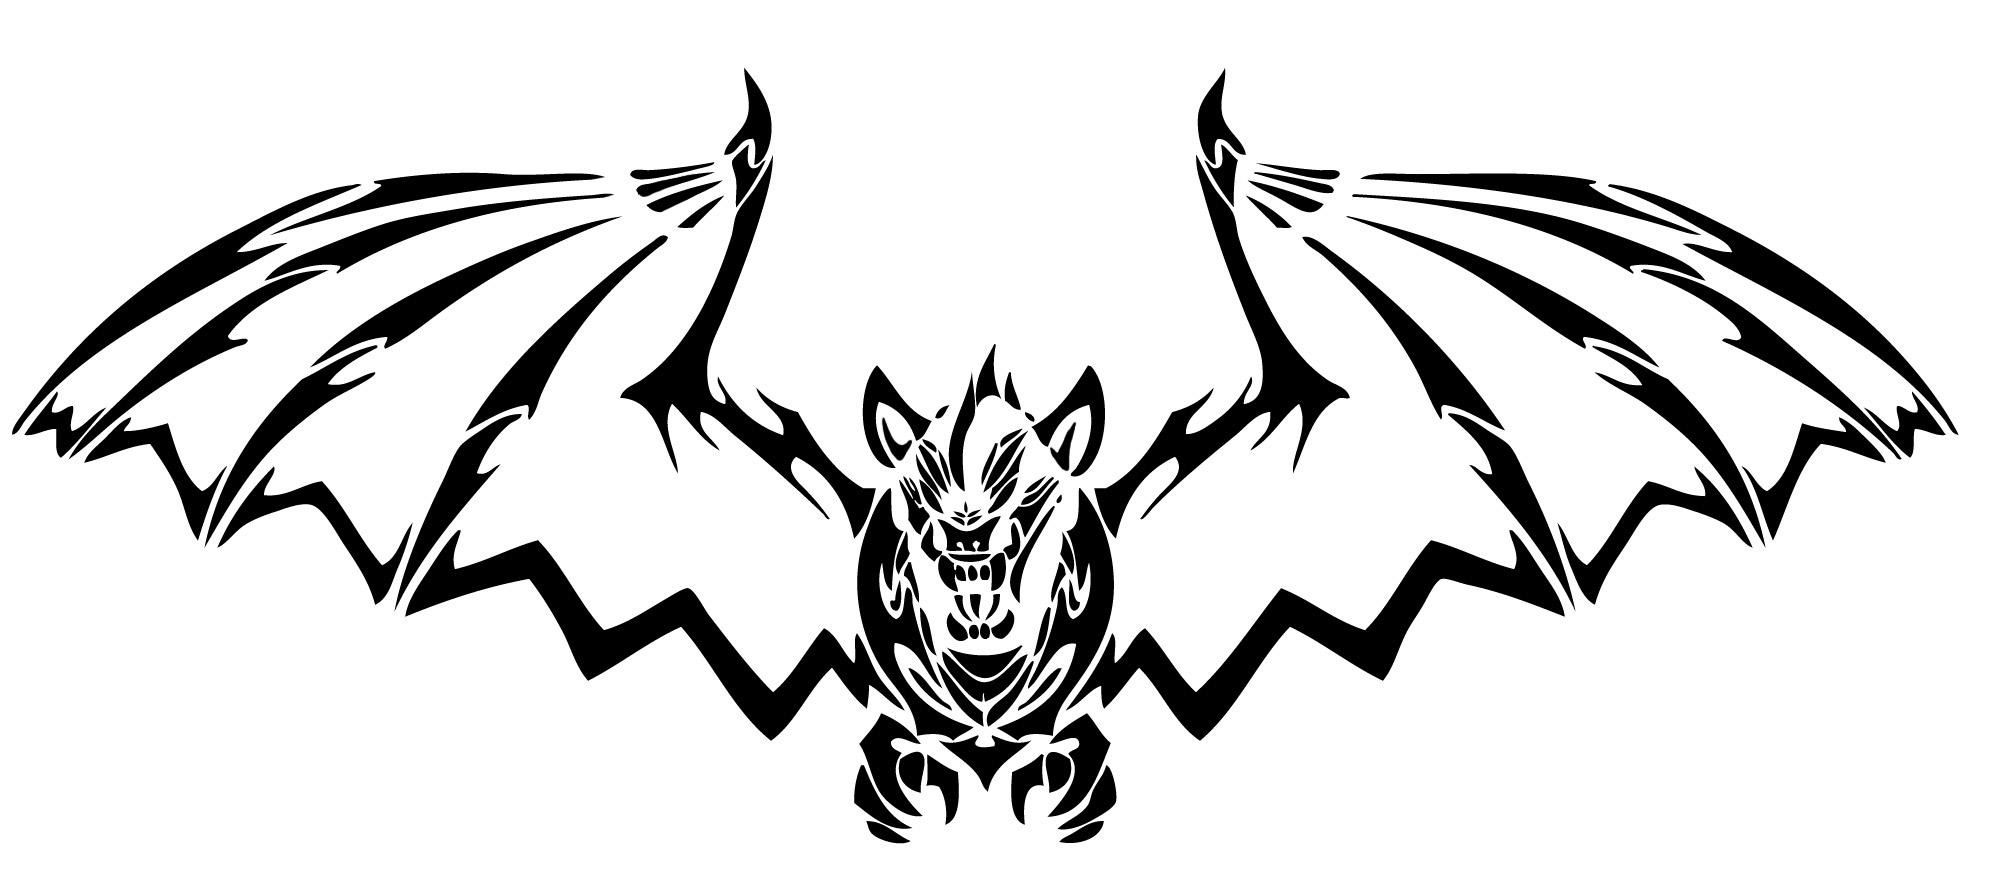 Bat Color Images